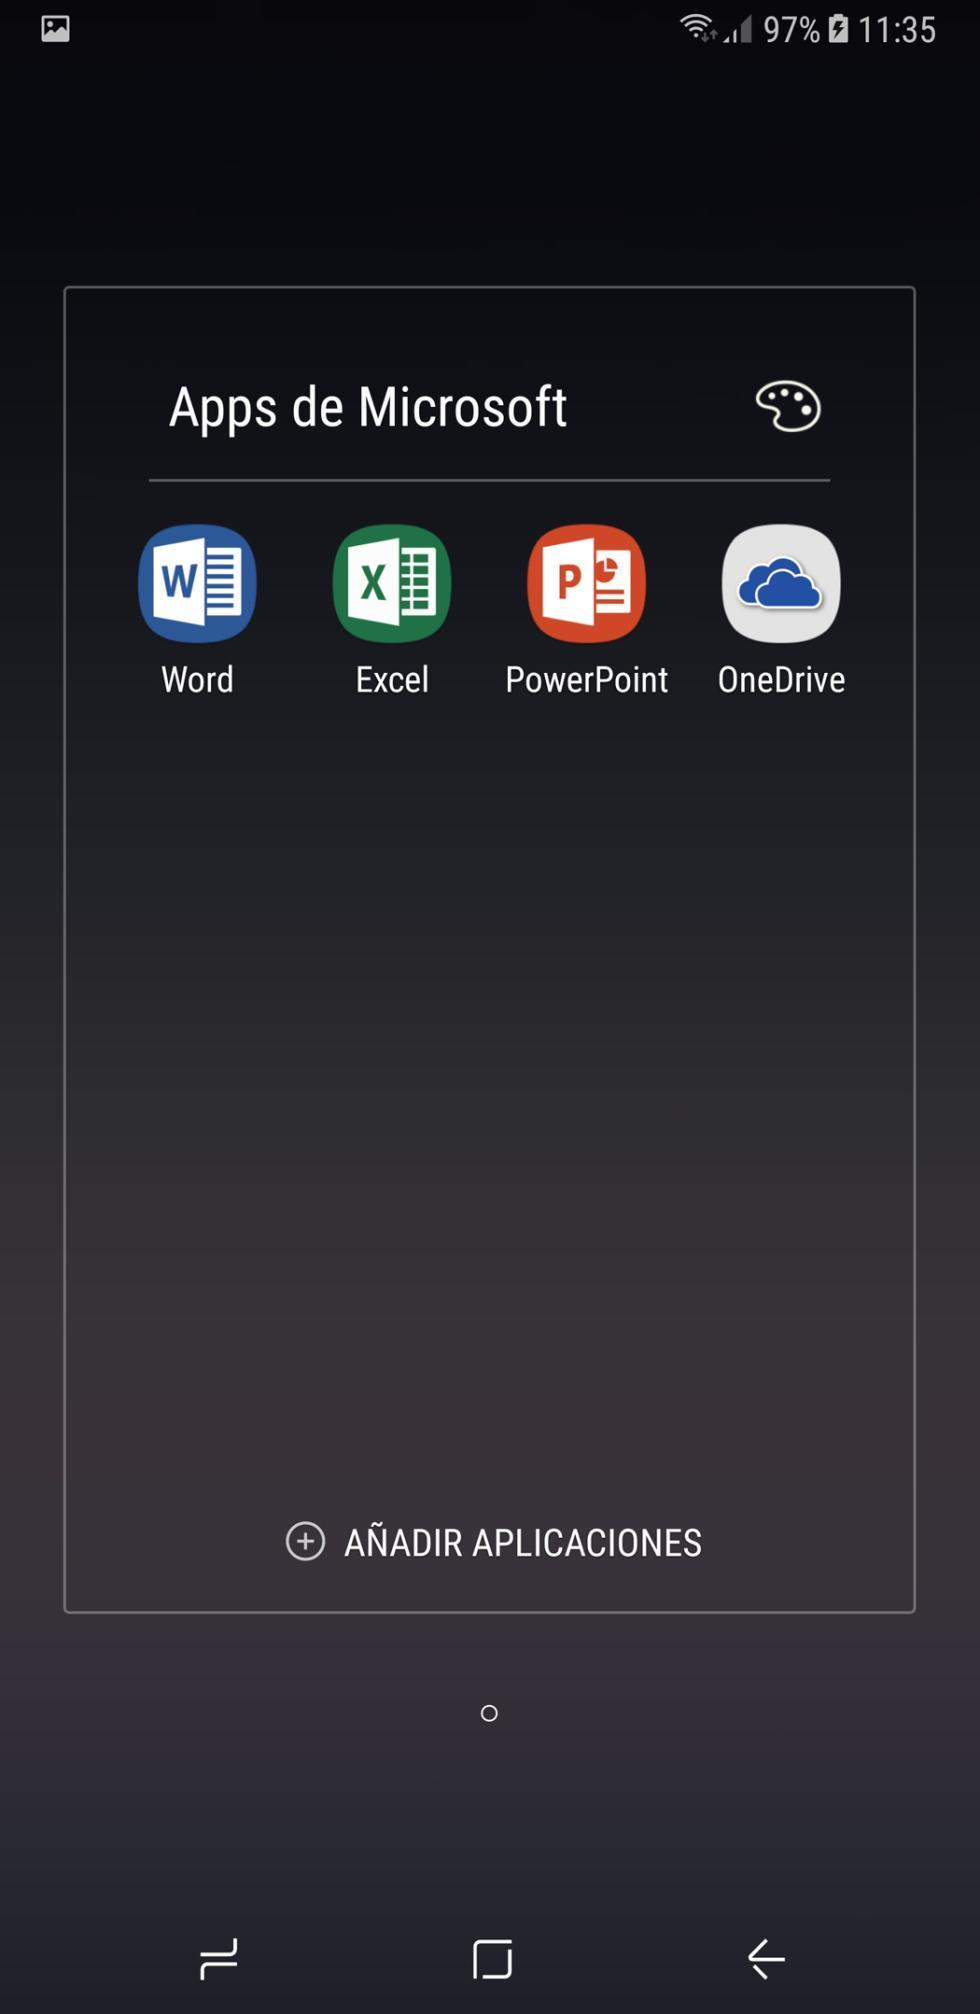 Interfaz del Samsung Galaxy Note 8